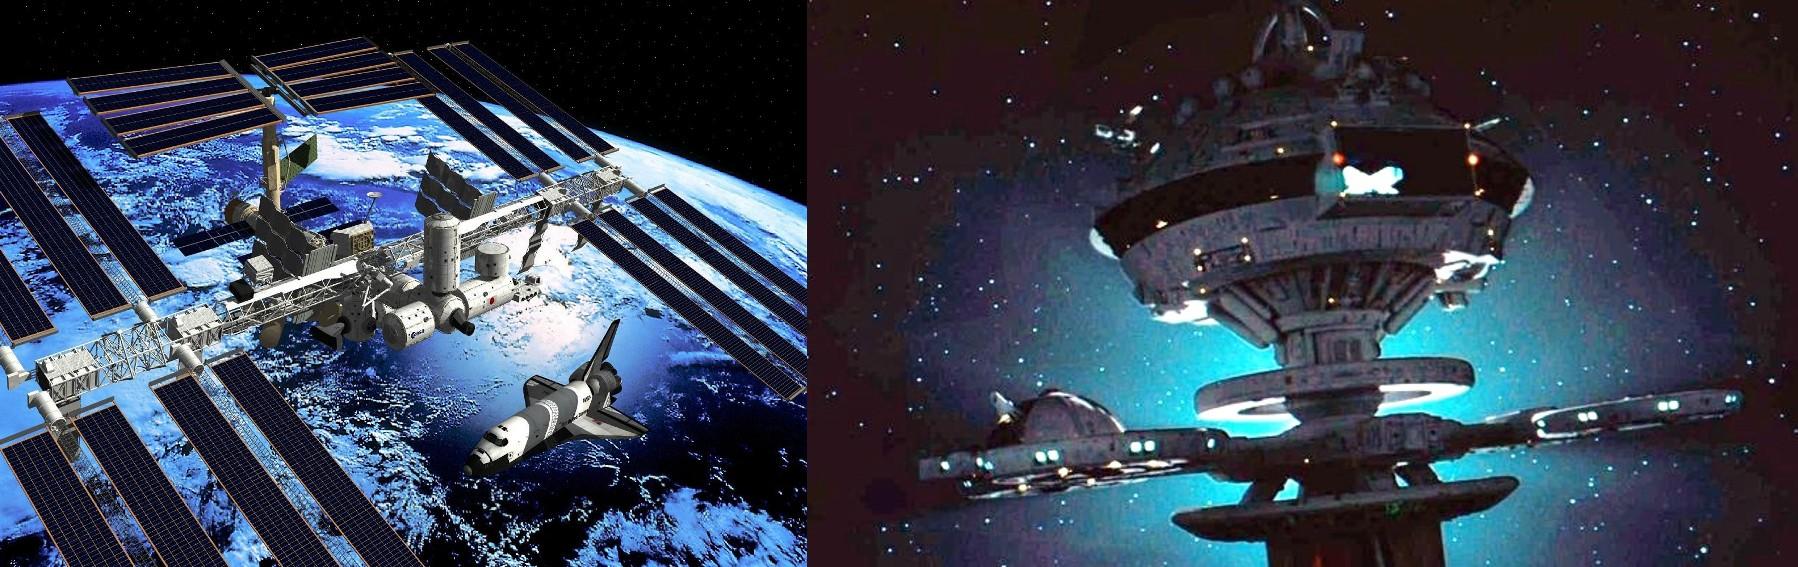 ISS and Regula I